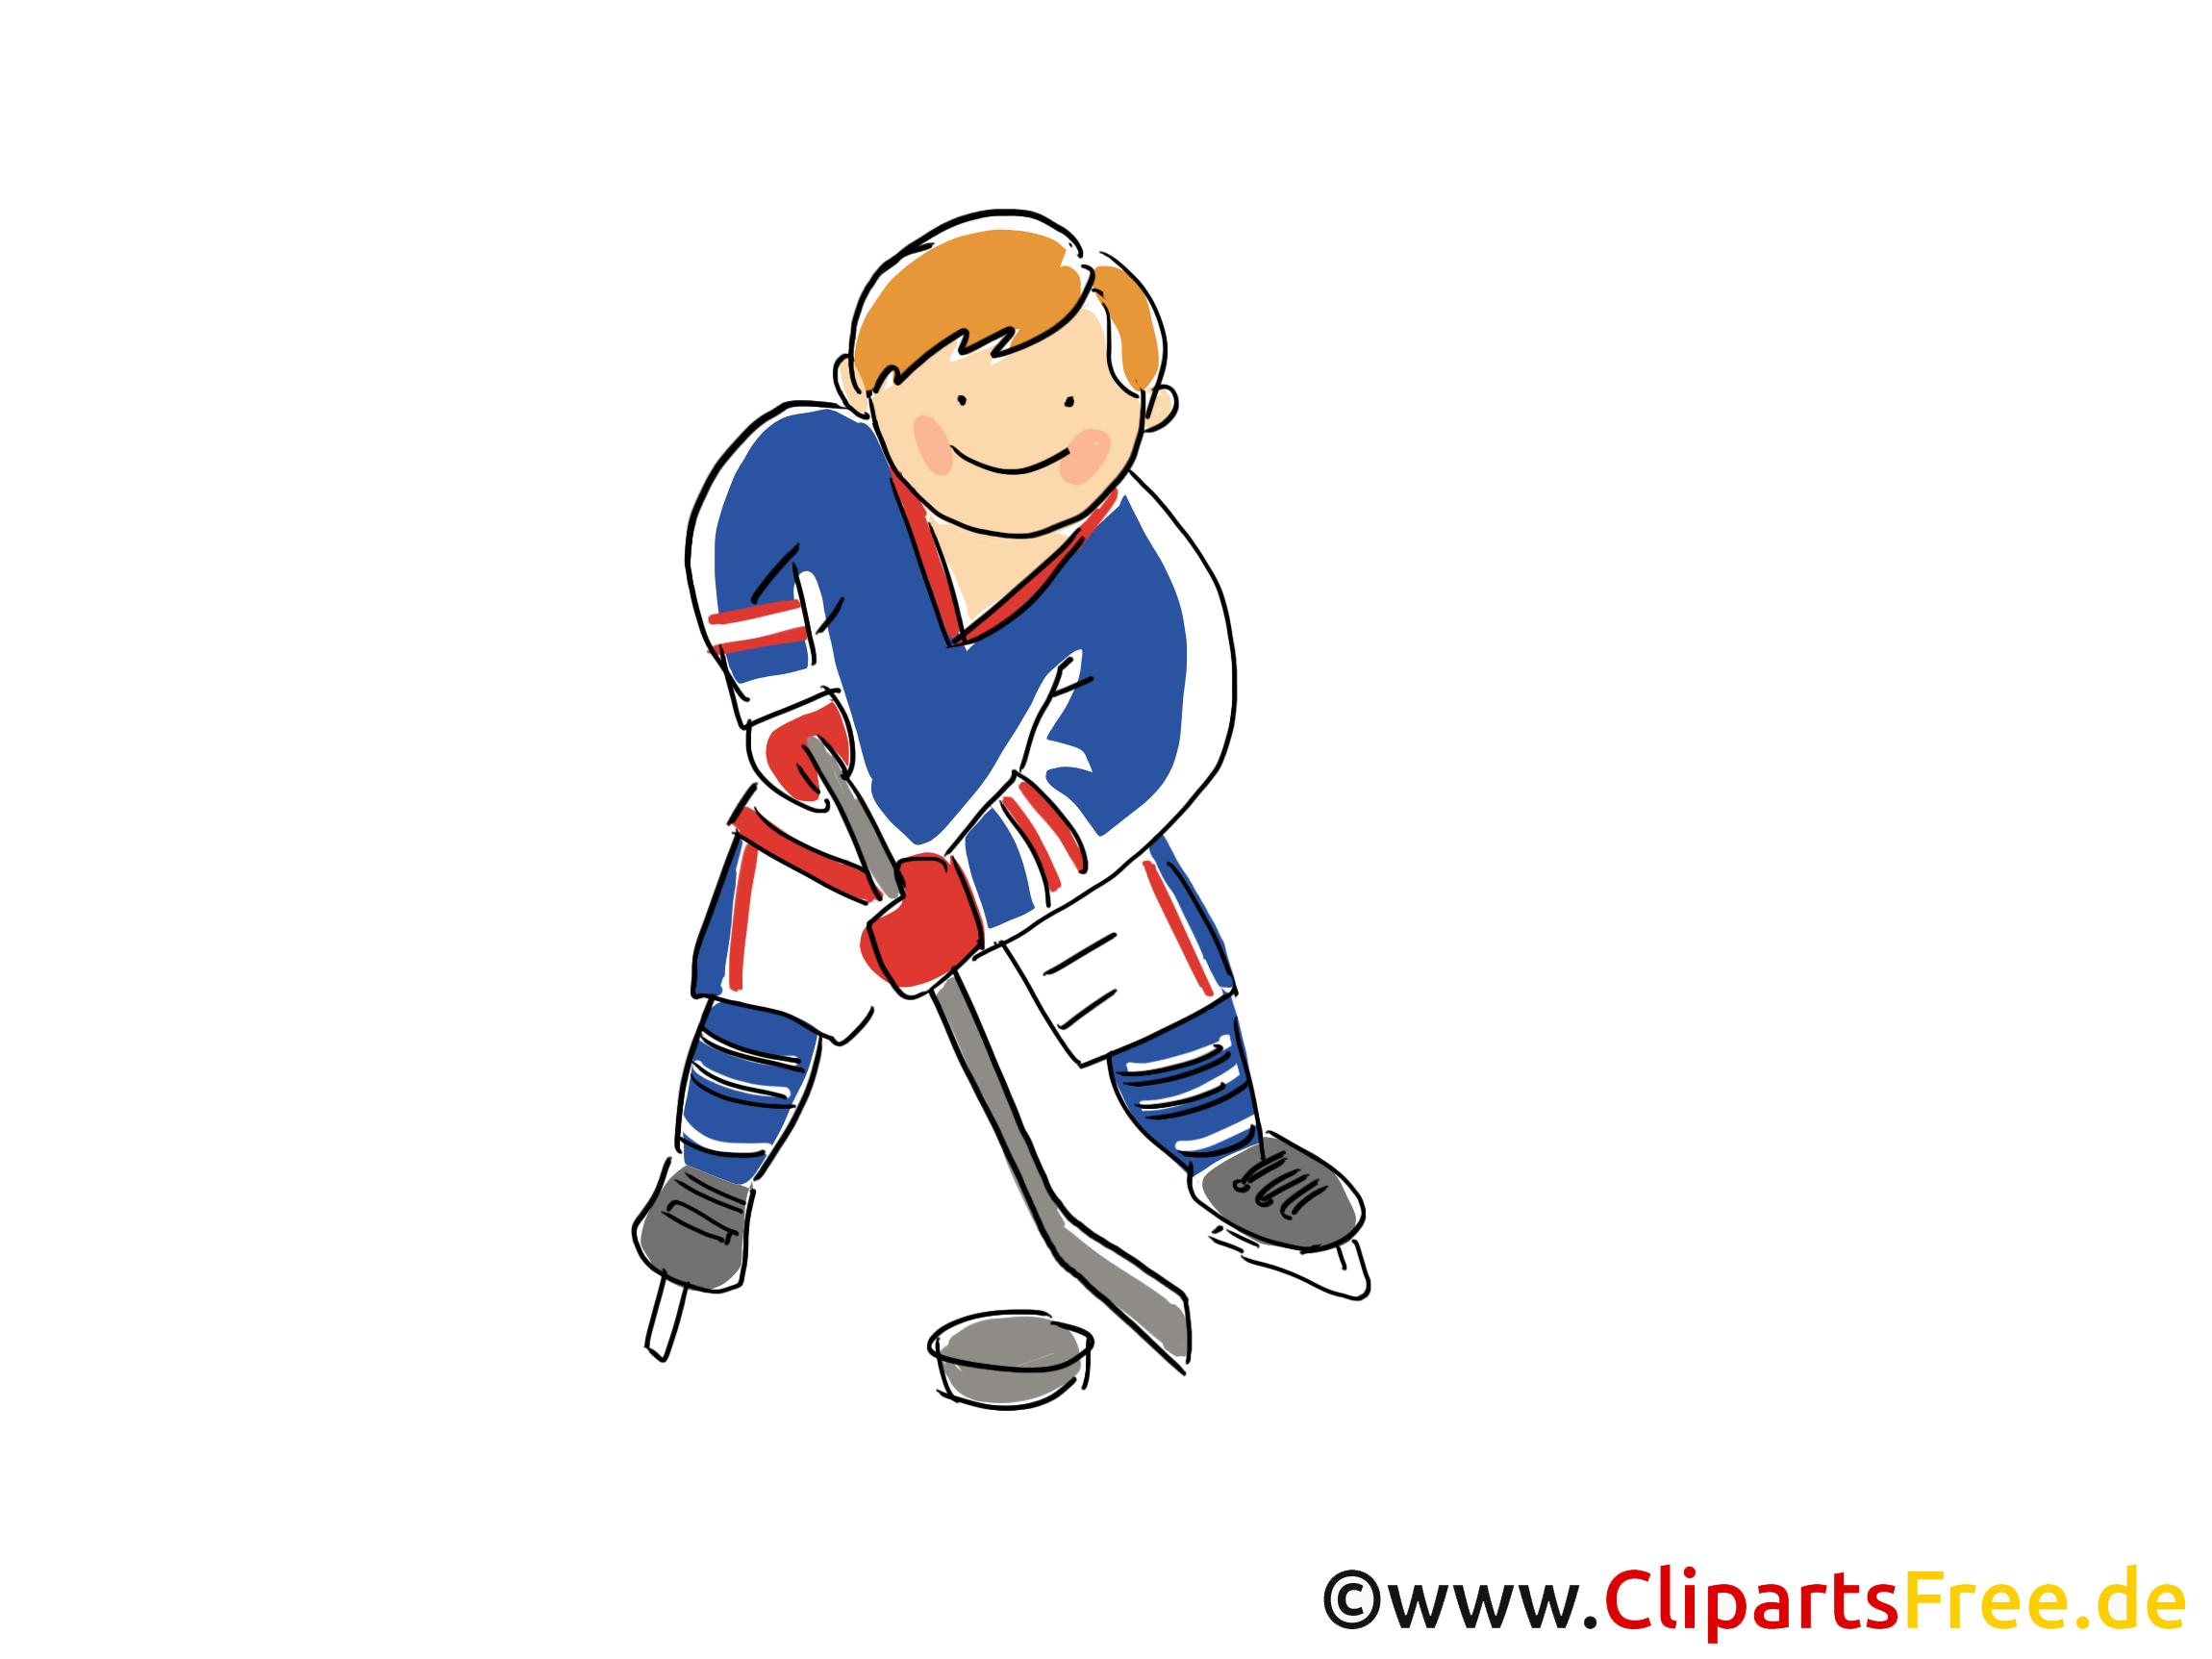 Dessin à télécharger hockeyeur - Hockey images